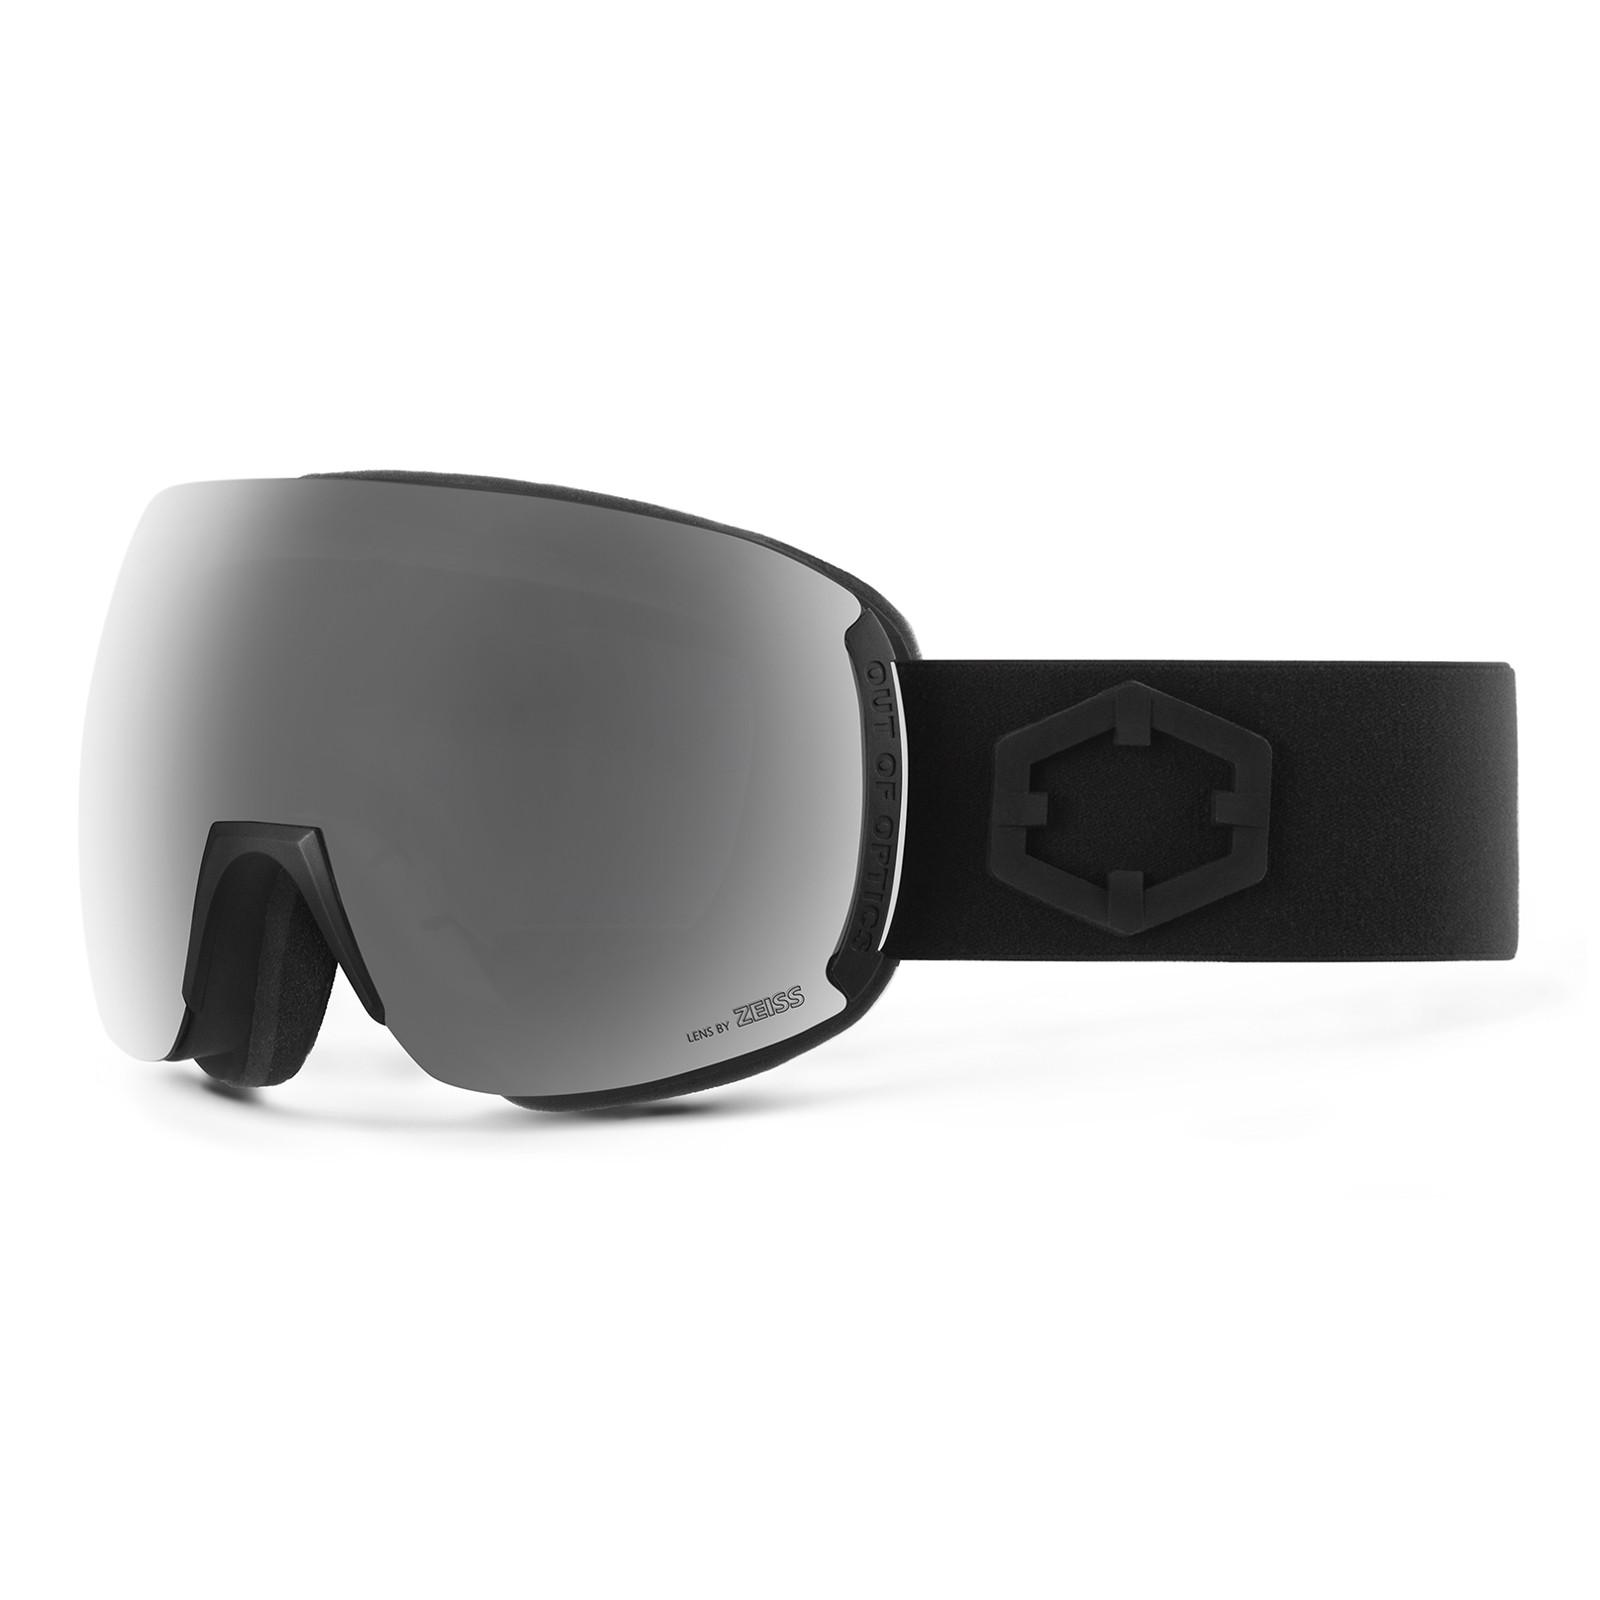 Earth Black Silver goggle